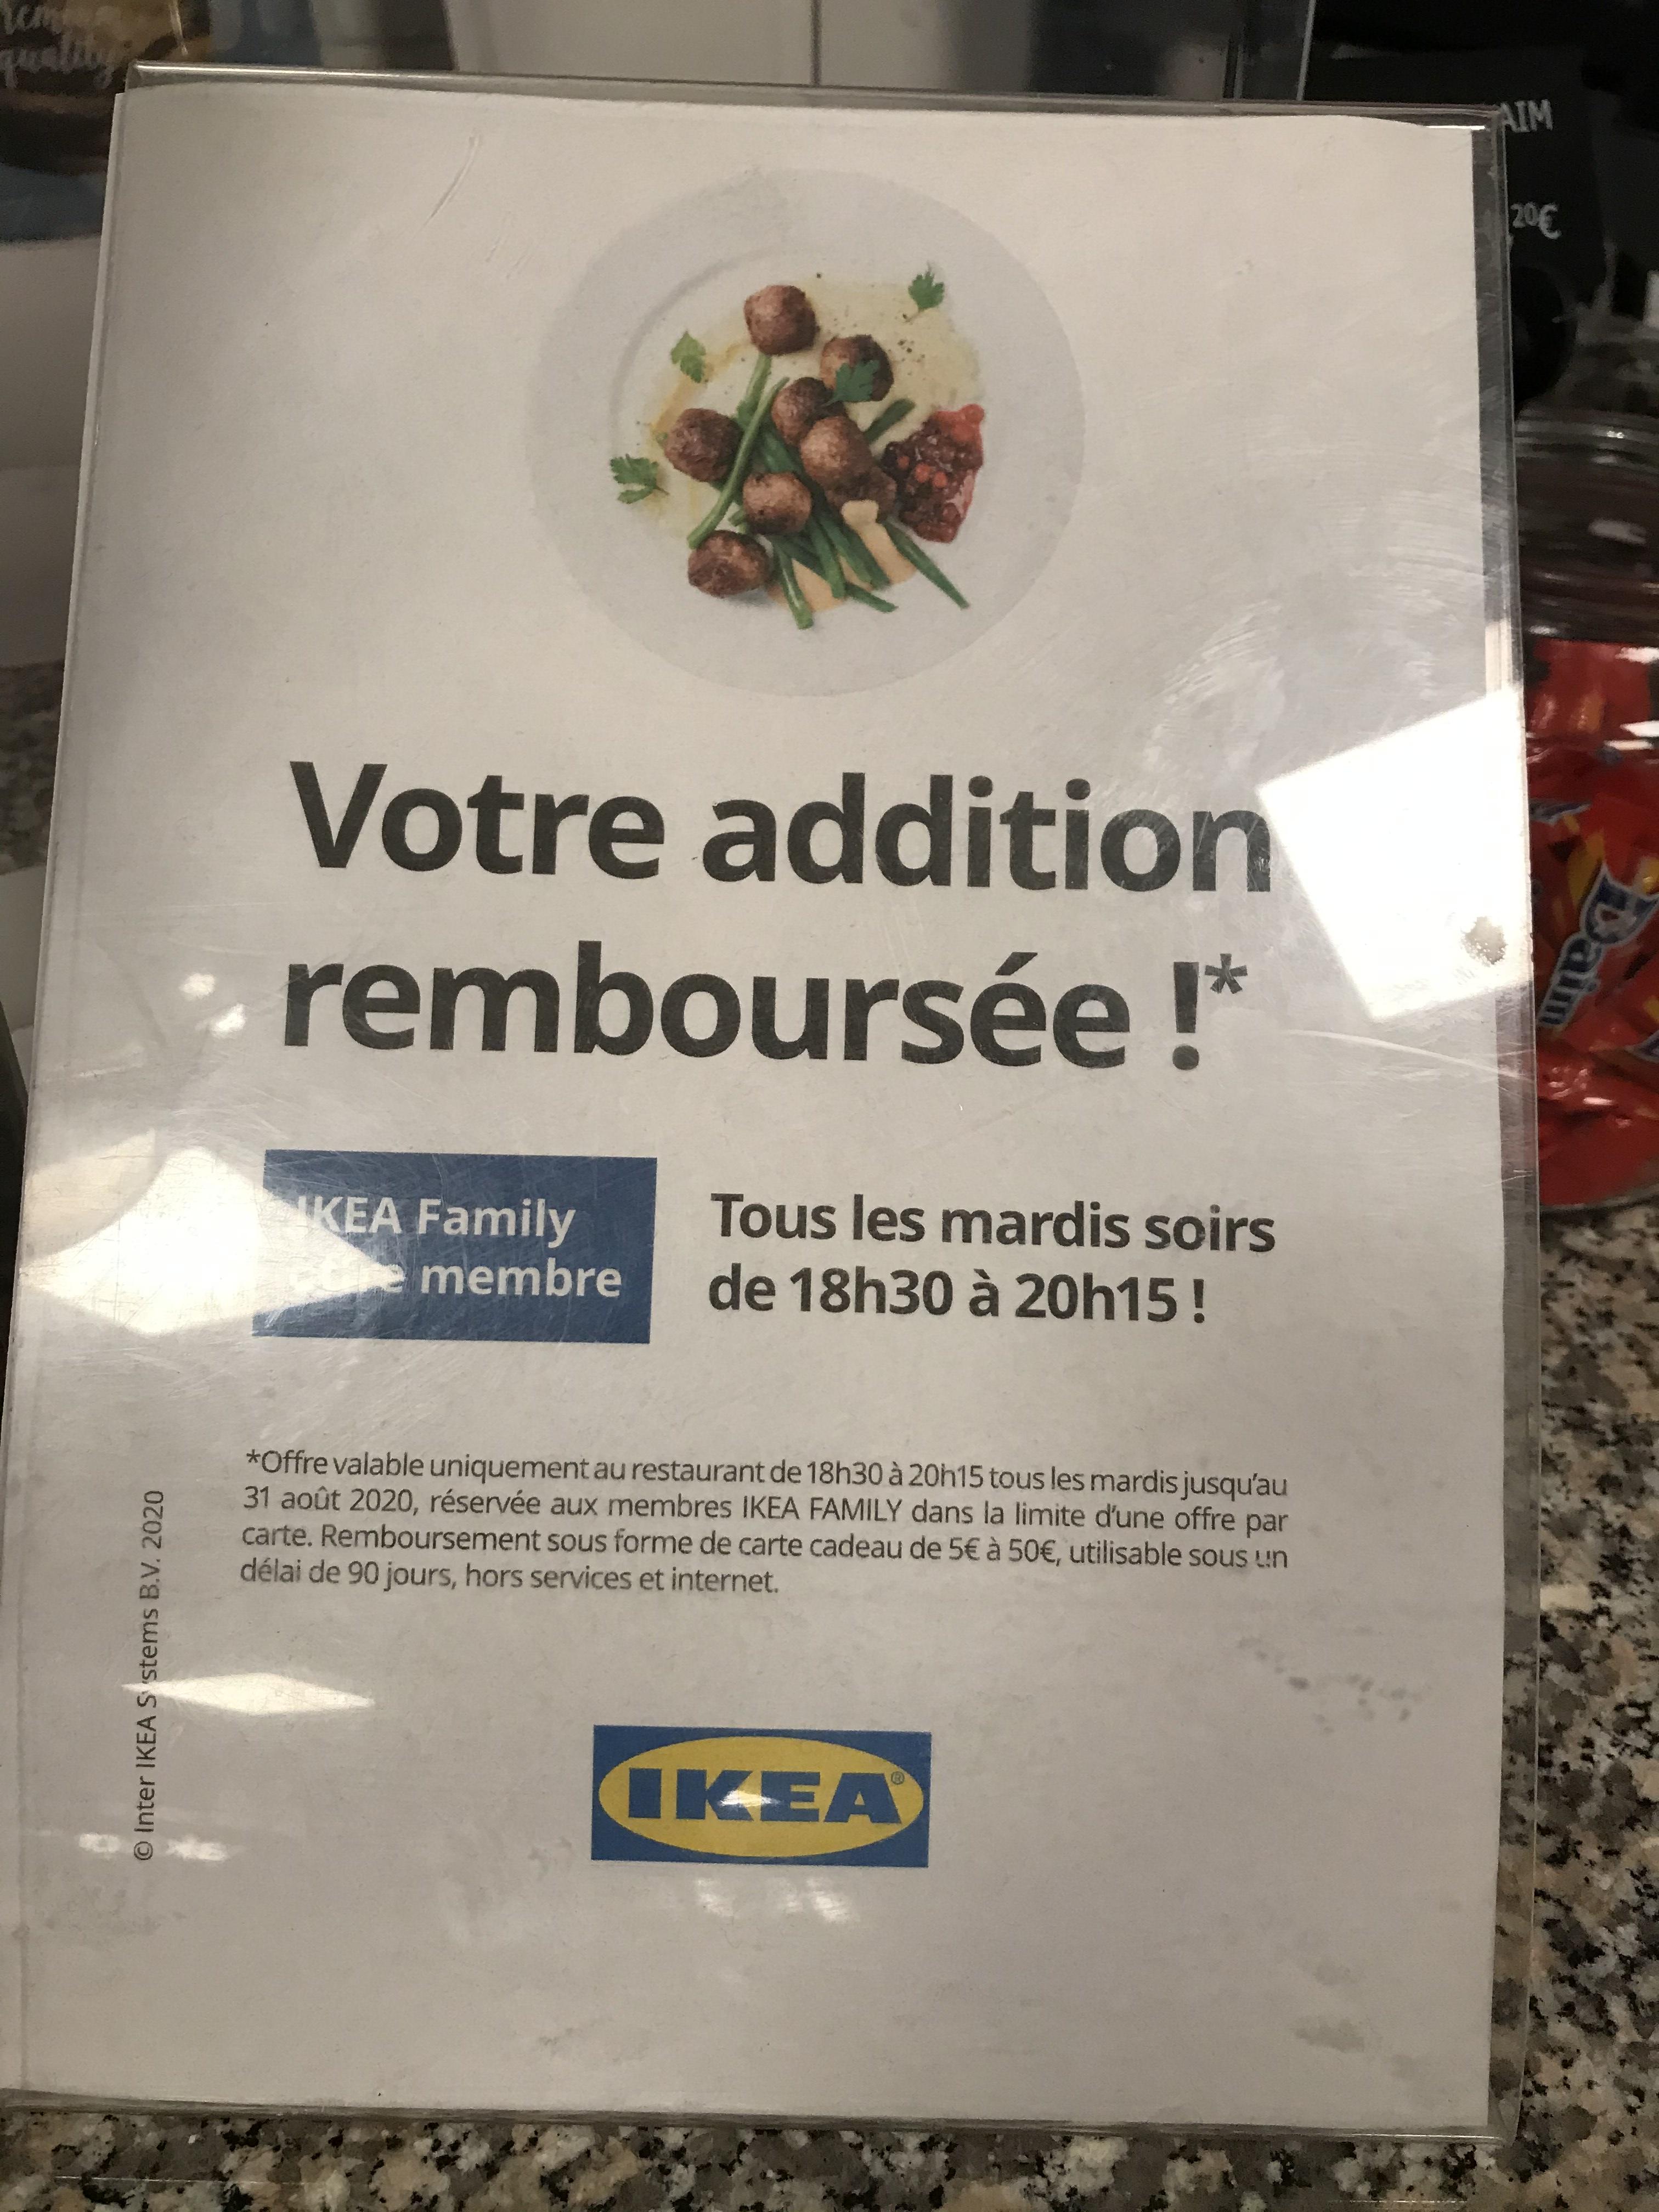 [Ikea Family] Repas remboursé sous forme de carte cadeau tous les mardis - Saint Herblain (44)